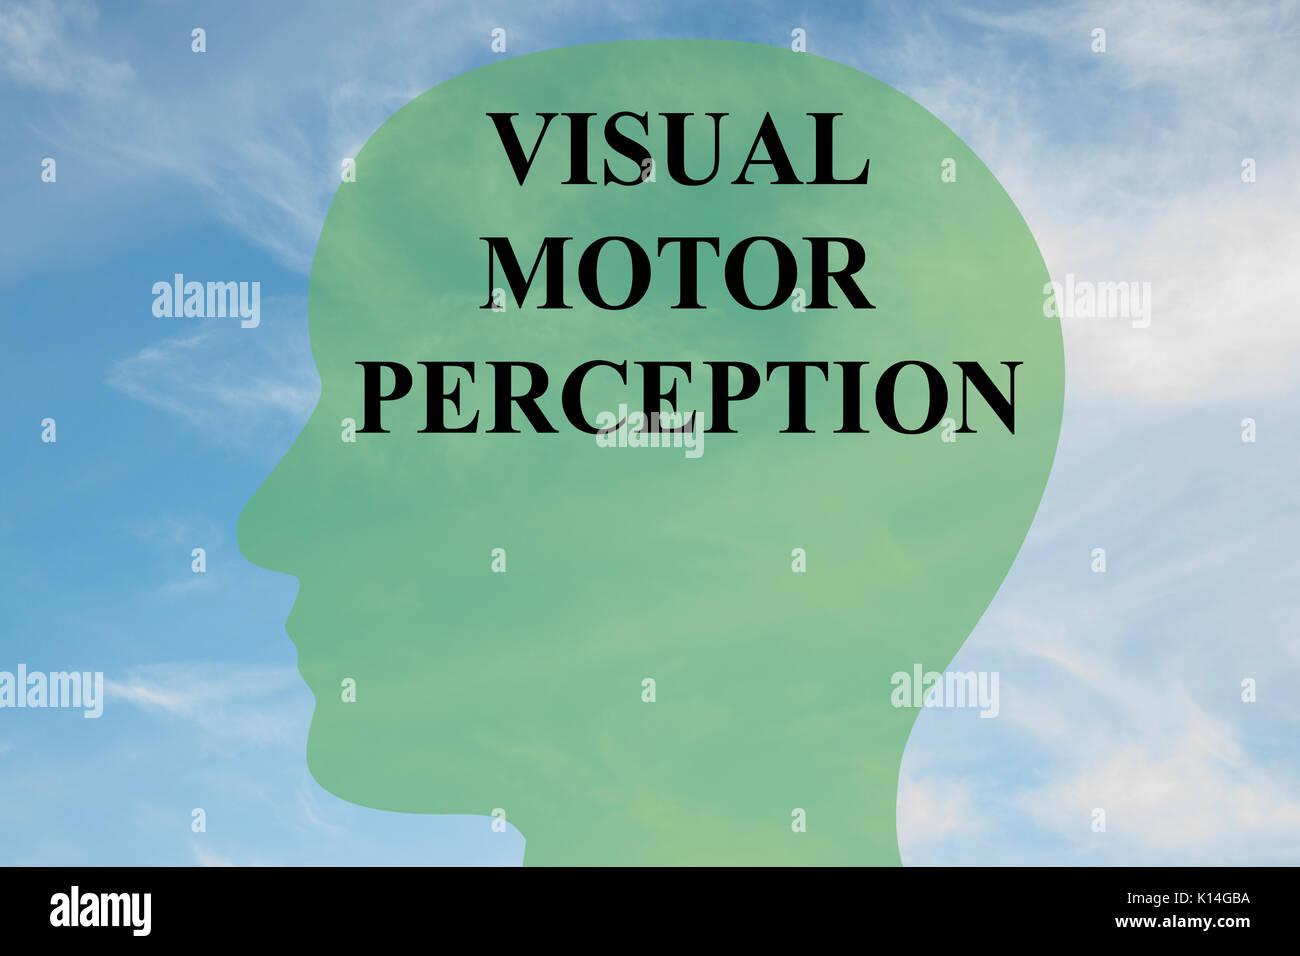 Render Abbildung von 'VISUAL MOTOR WAHRNEHMUNG' Skript auf dem Kopf silhouette, mit bewölktem Himmel als Hintergrund. Stockbild